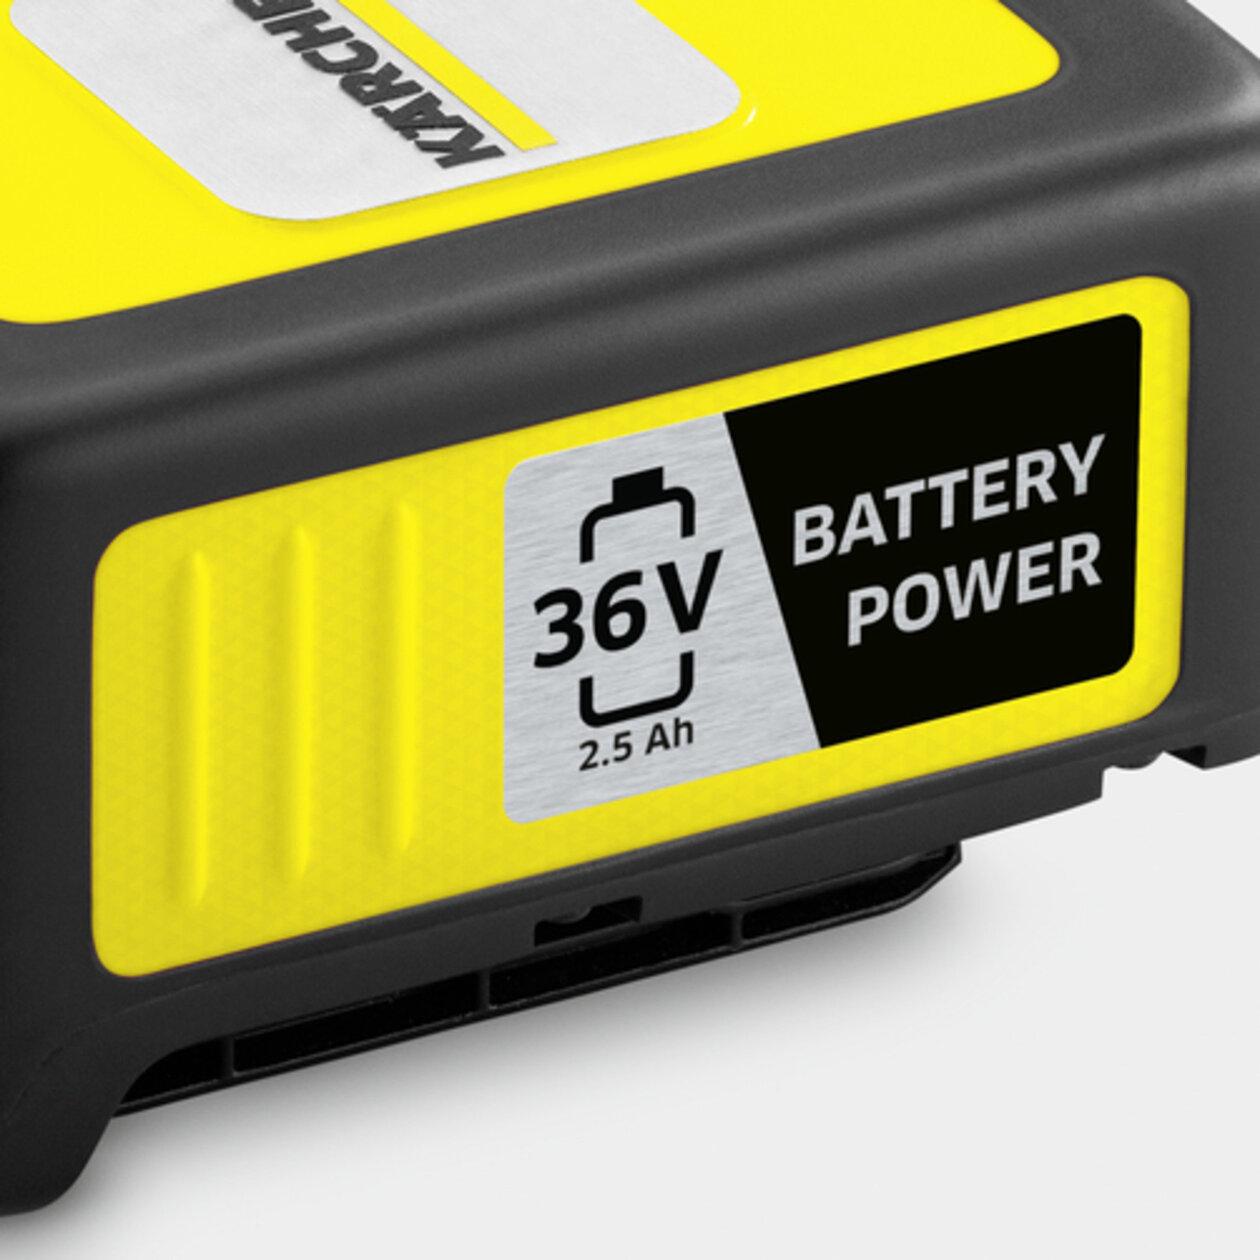 Аккумулятор 18 В 5,0 A: Аккумуляторная платформа 36 V Battery Power